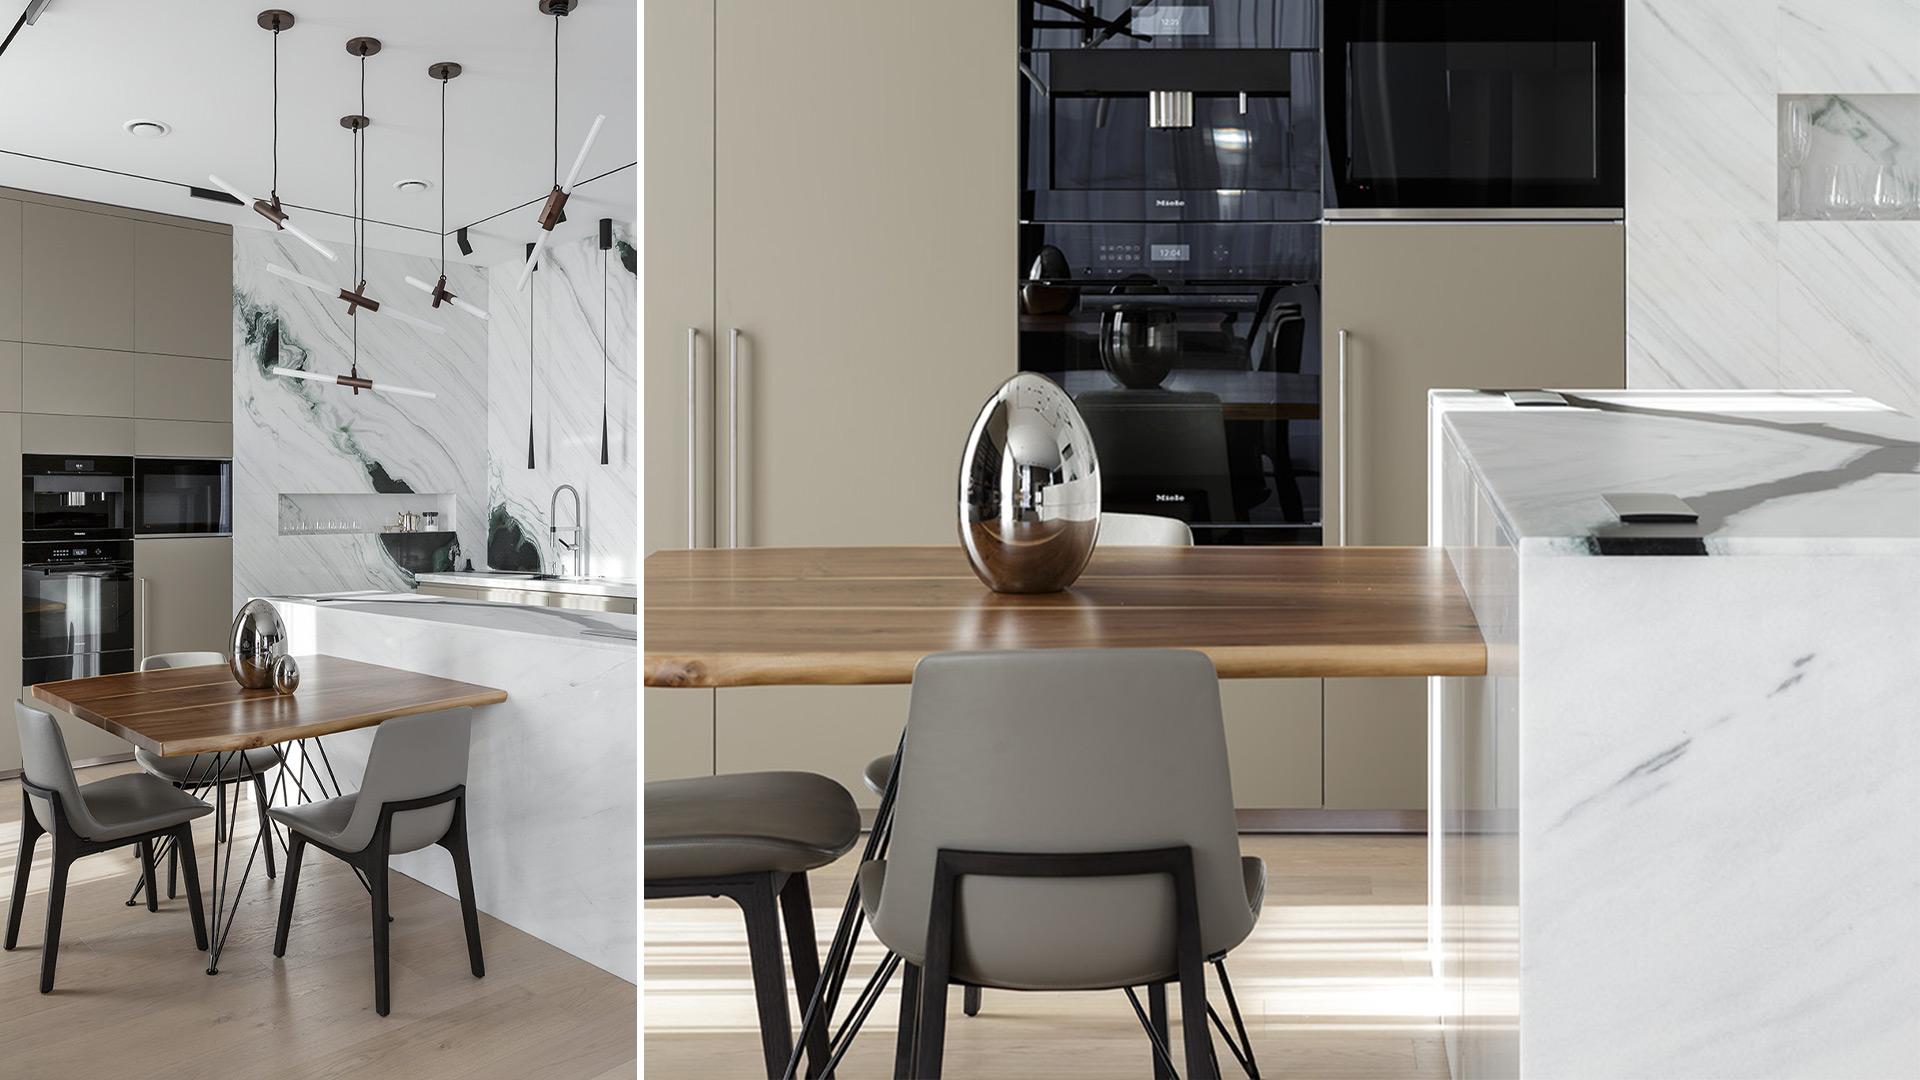 Cucina TM Italia realizzata su tre lati con isola e tavolo adiacente - 202101_T45_D90_SaintPetersburg_003